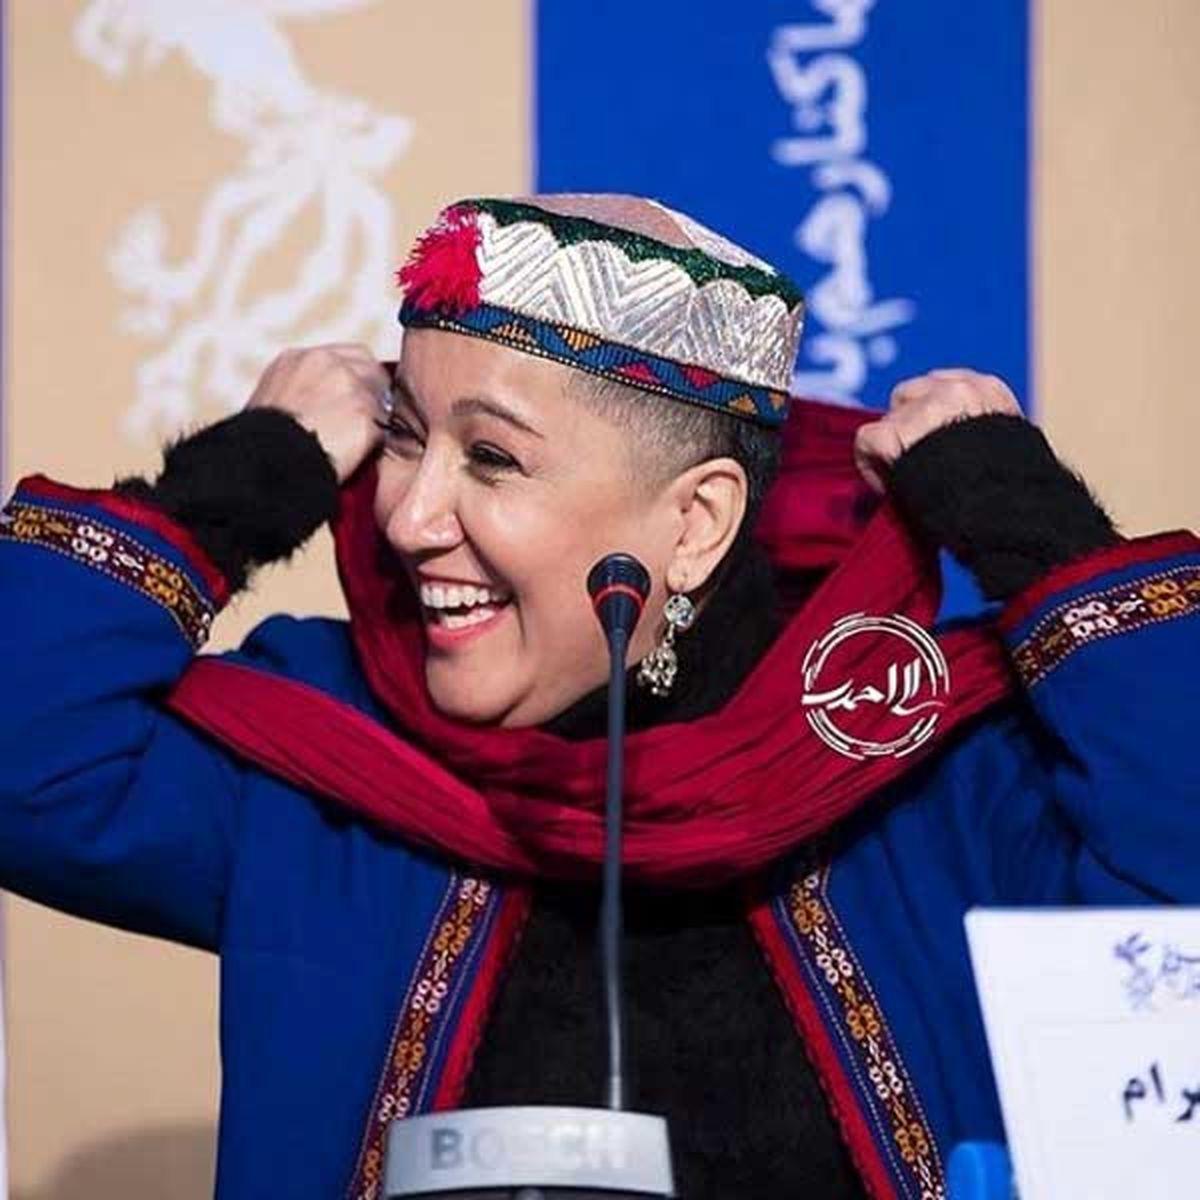 خنده های پانتهآ بهرام در اوج بیماری کرونا اش + عکس